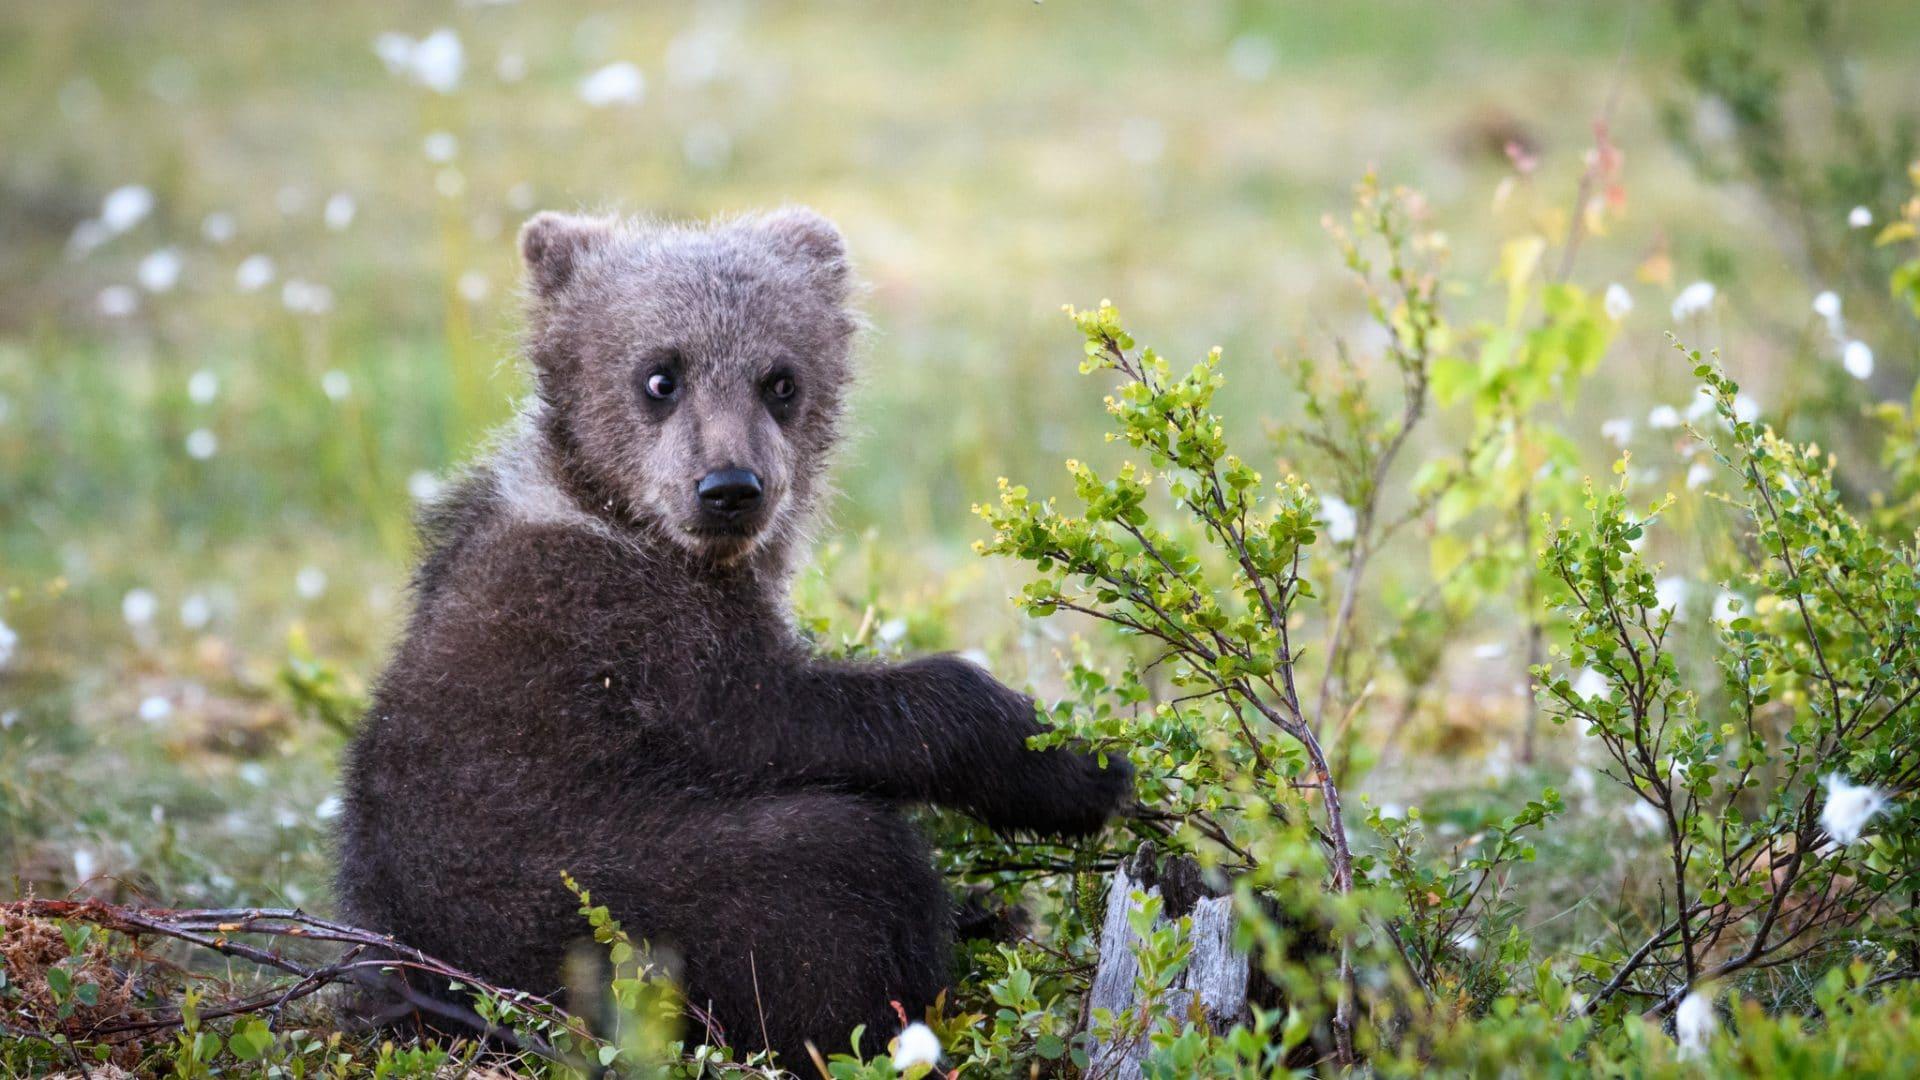 Voimavalokuva Valokuvaaja Leena Aijasaho karhunpentu